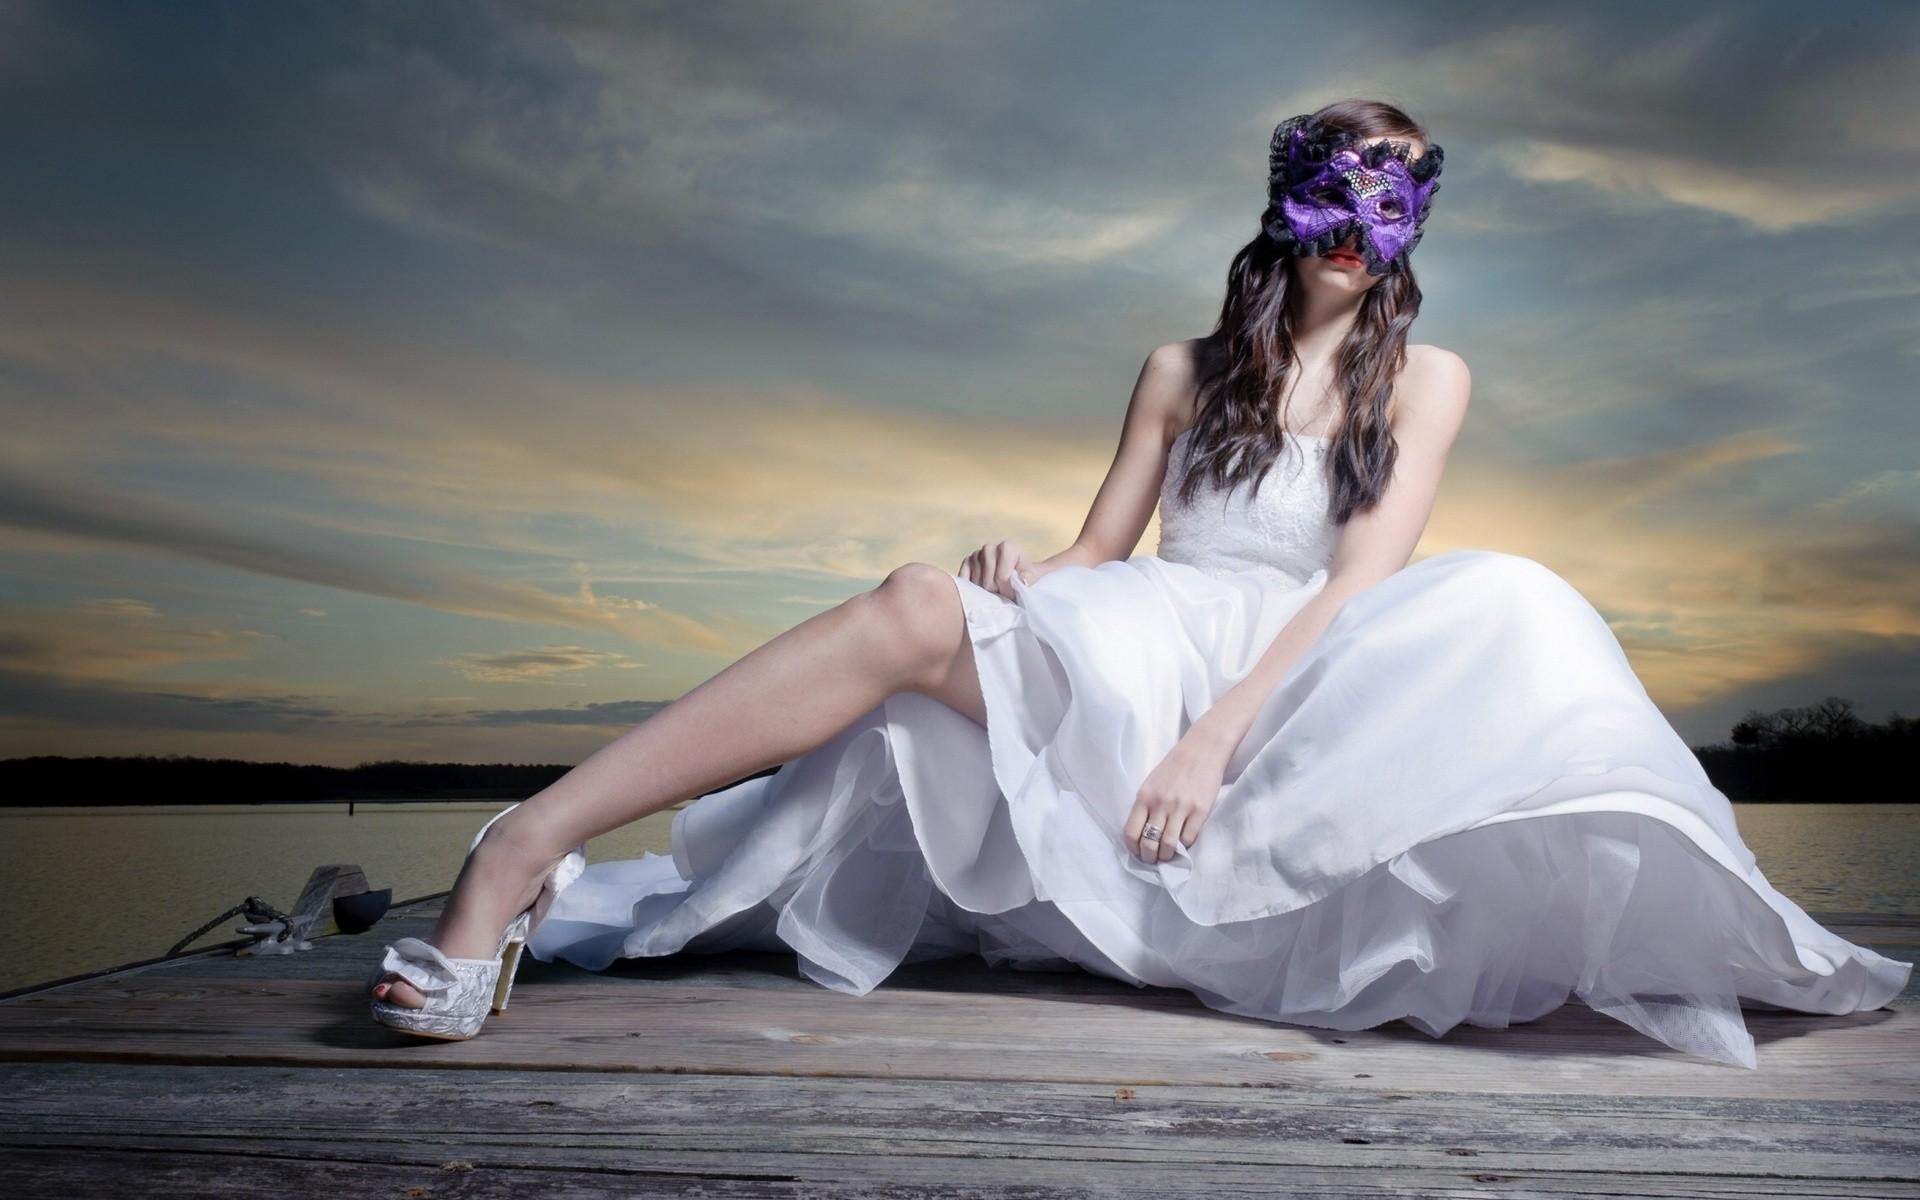 Una novia con antifaz - 1920x1200